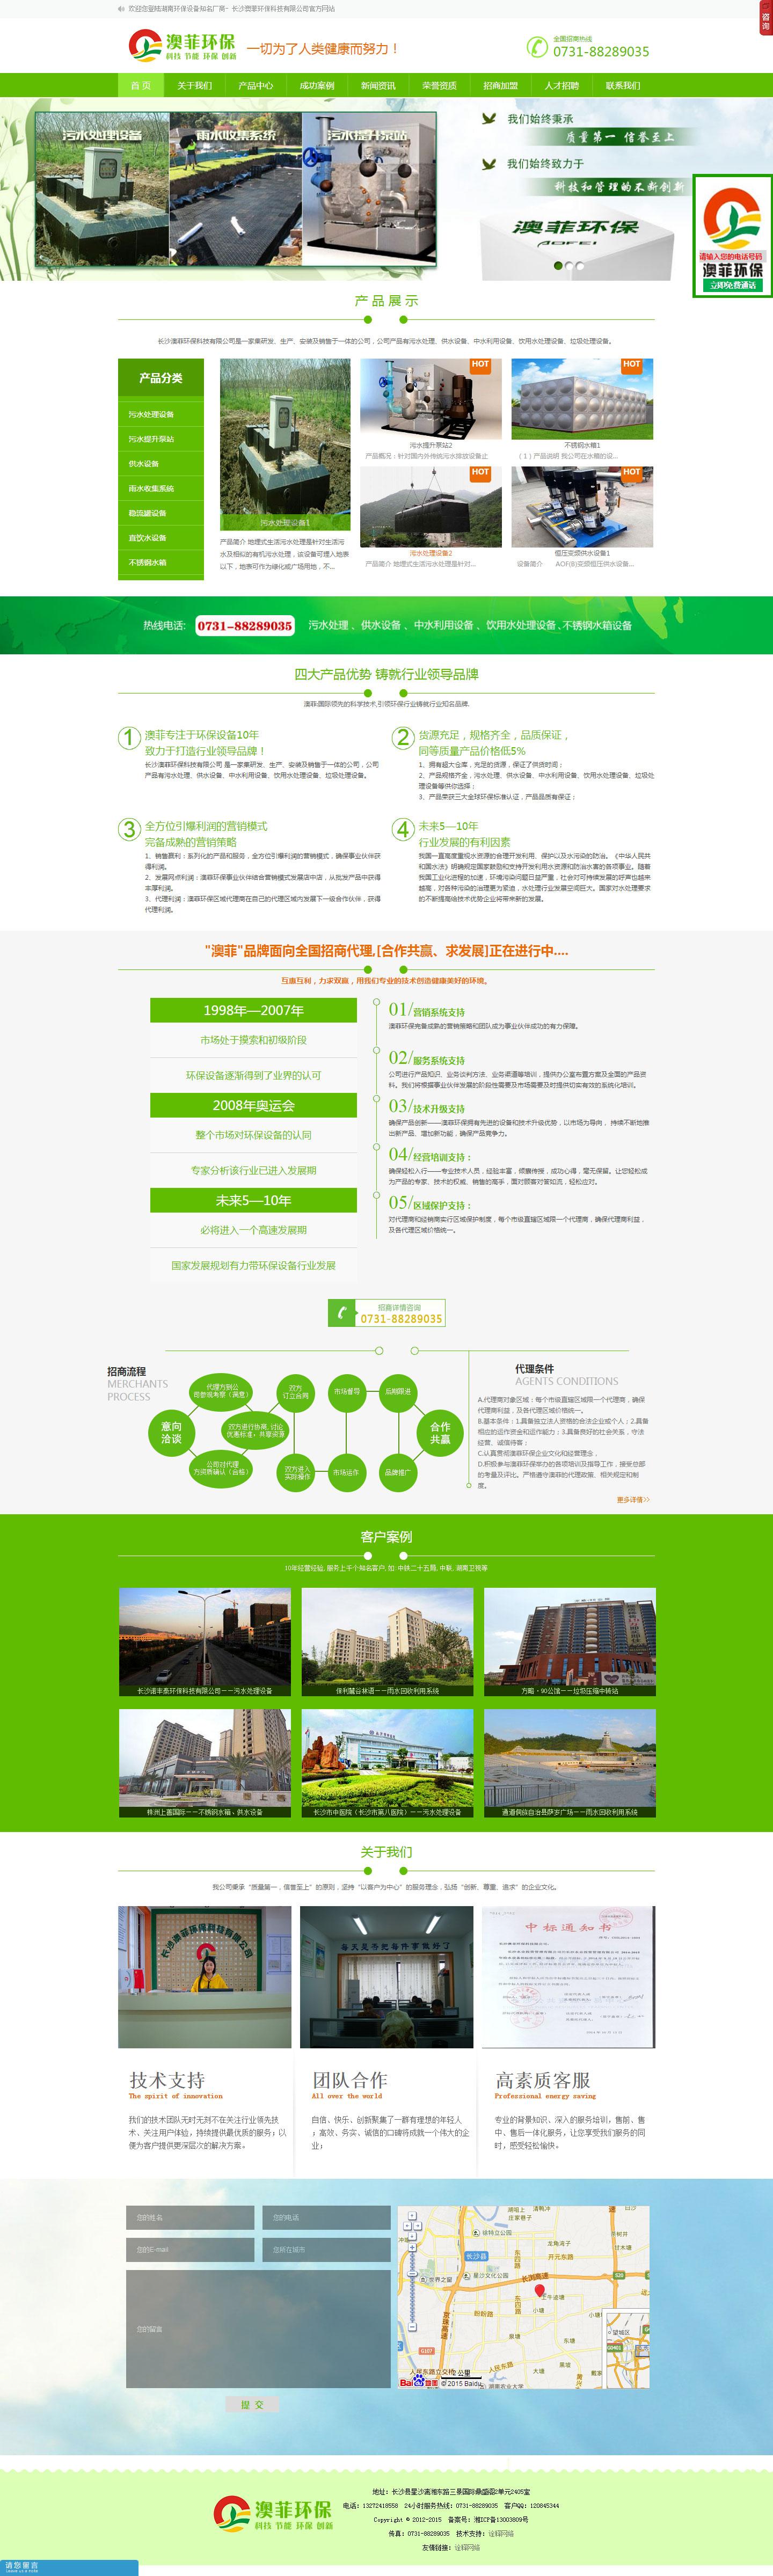 长沙澳菲环保科技有限公司